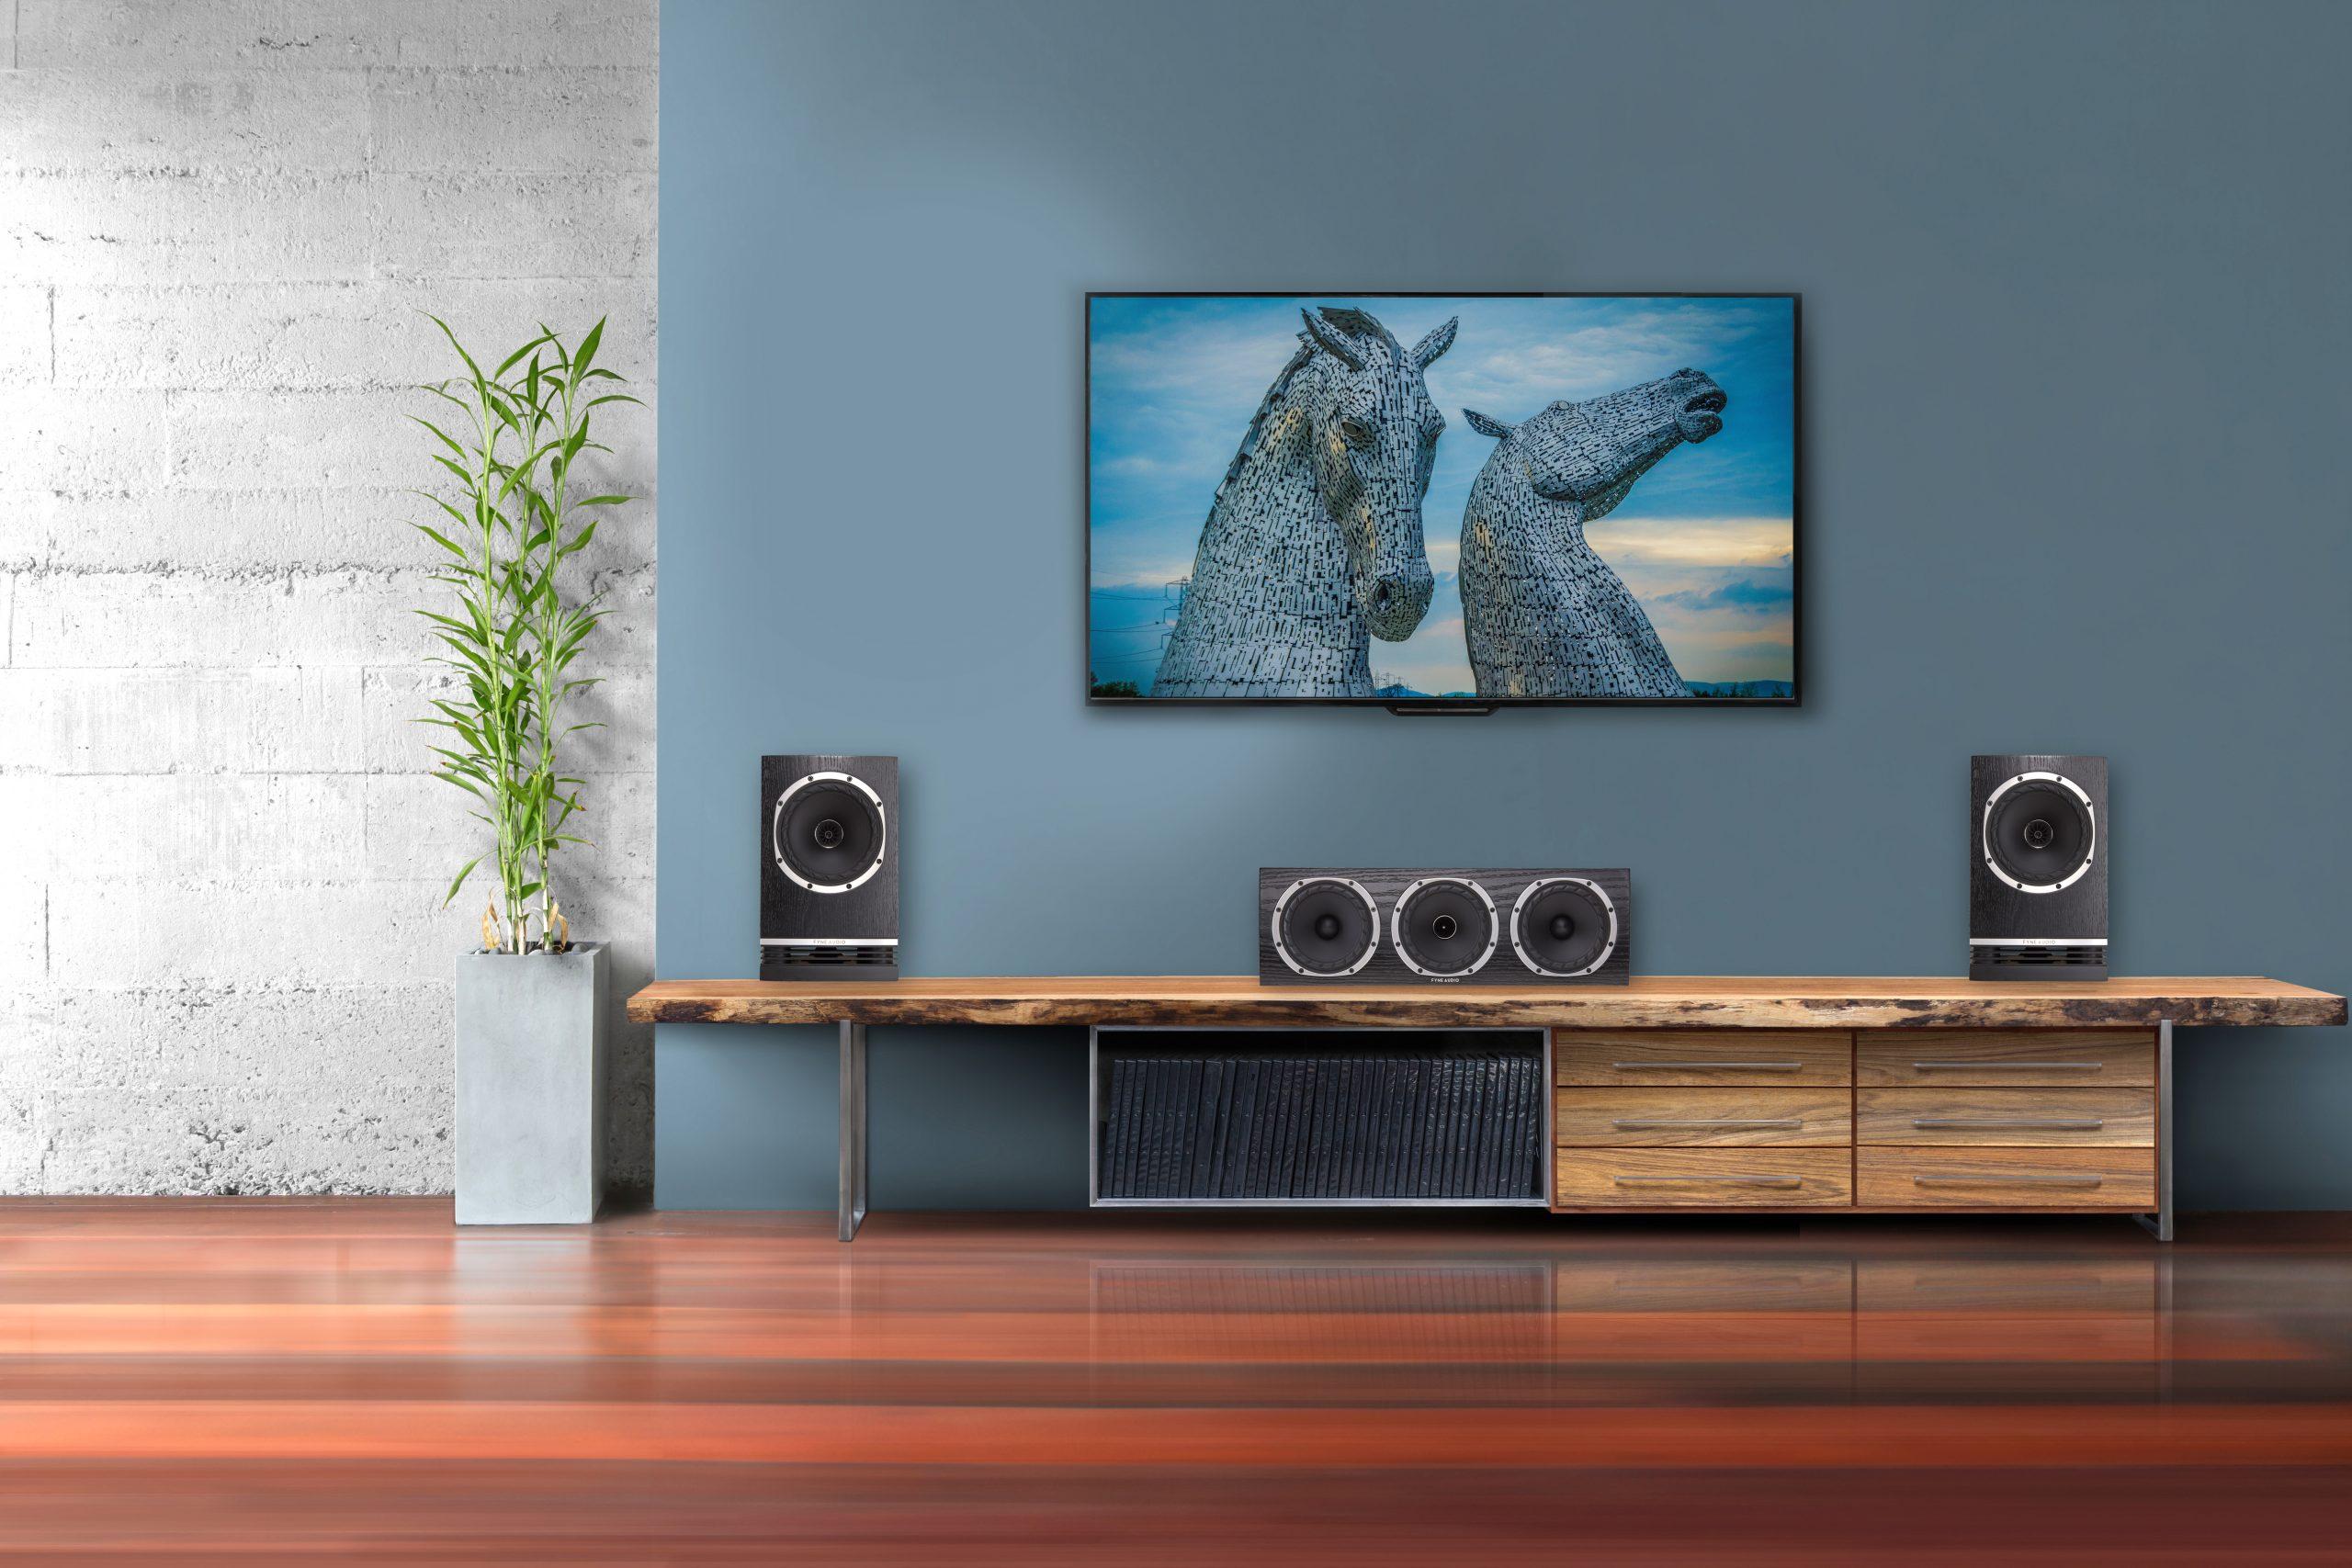 fyne audio colombia audiofilo store hifi audio de alta fidelidad parlantes de alta fidelidad hi end